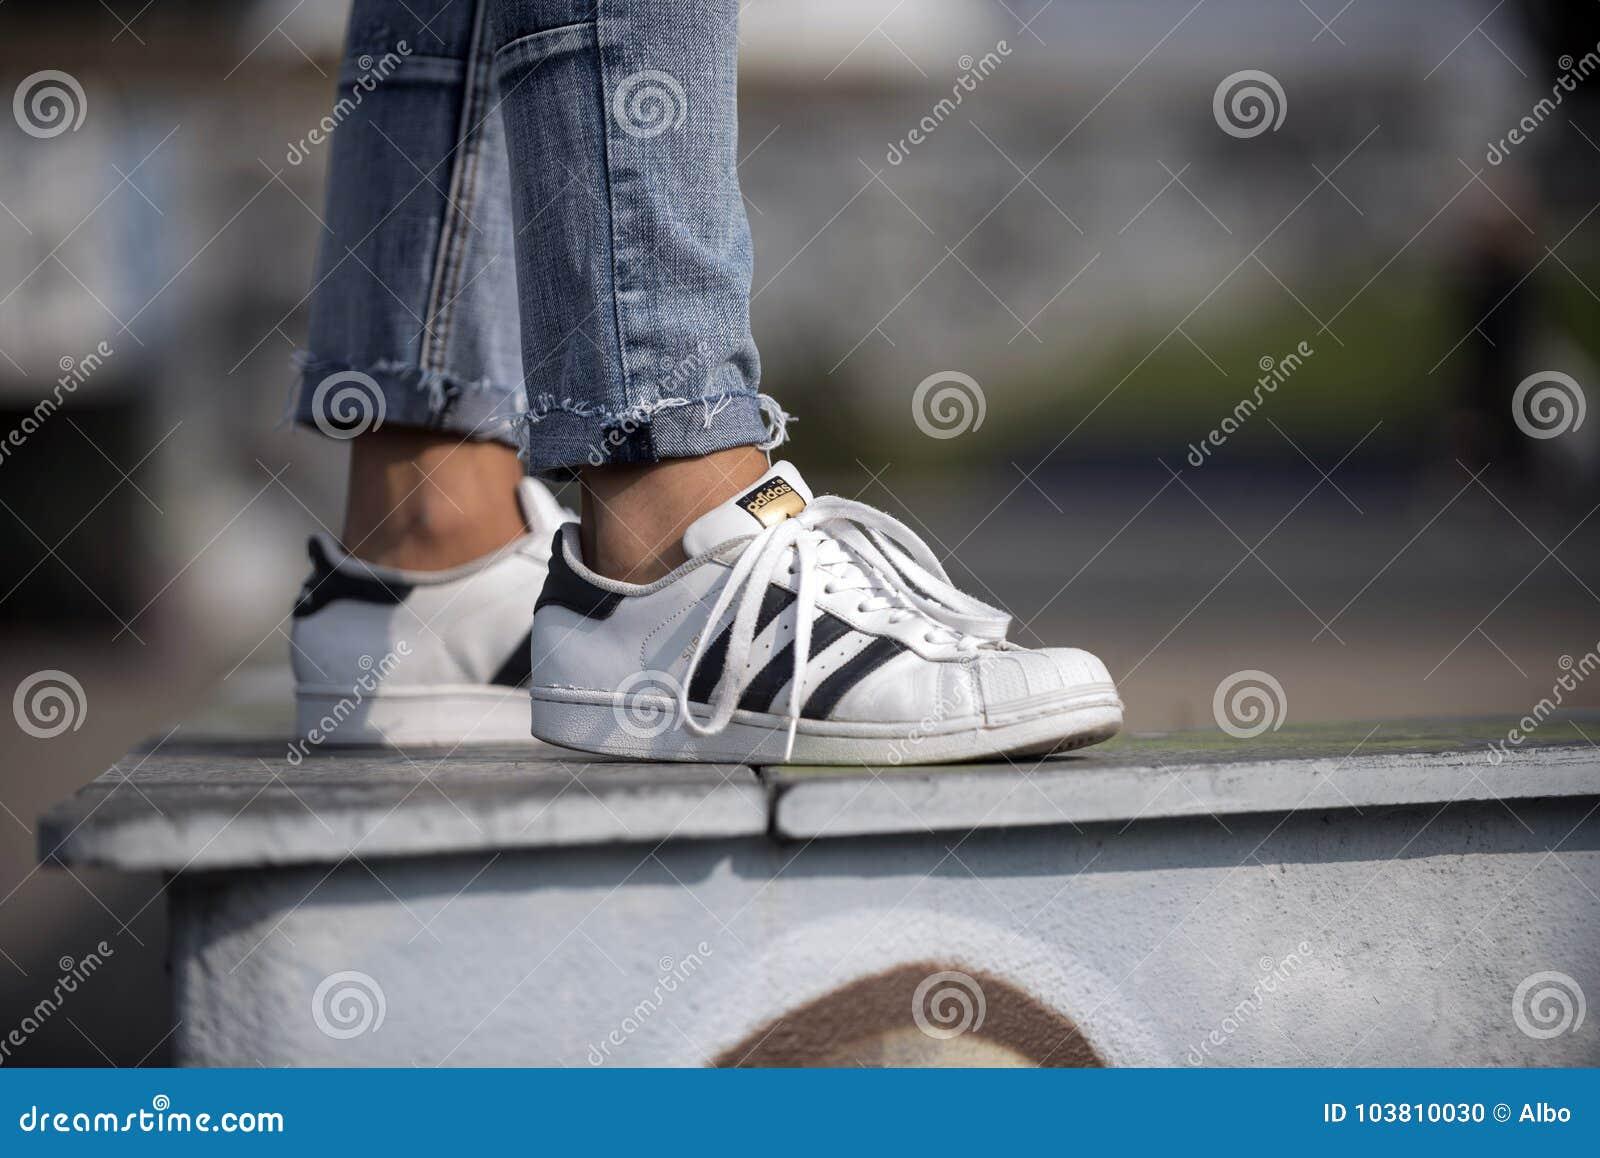 e221a43af0d3 Παπούτσια σούπερ σταρ της Adidas Εκδοτική εικόνα - εικόνα από ...